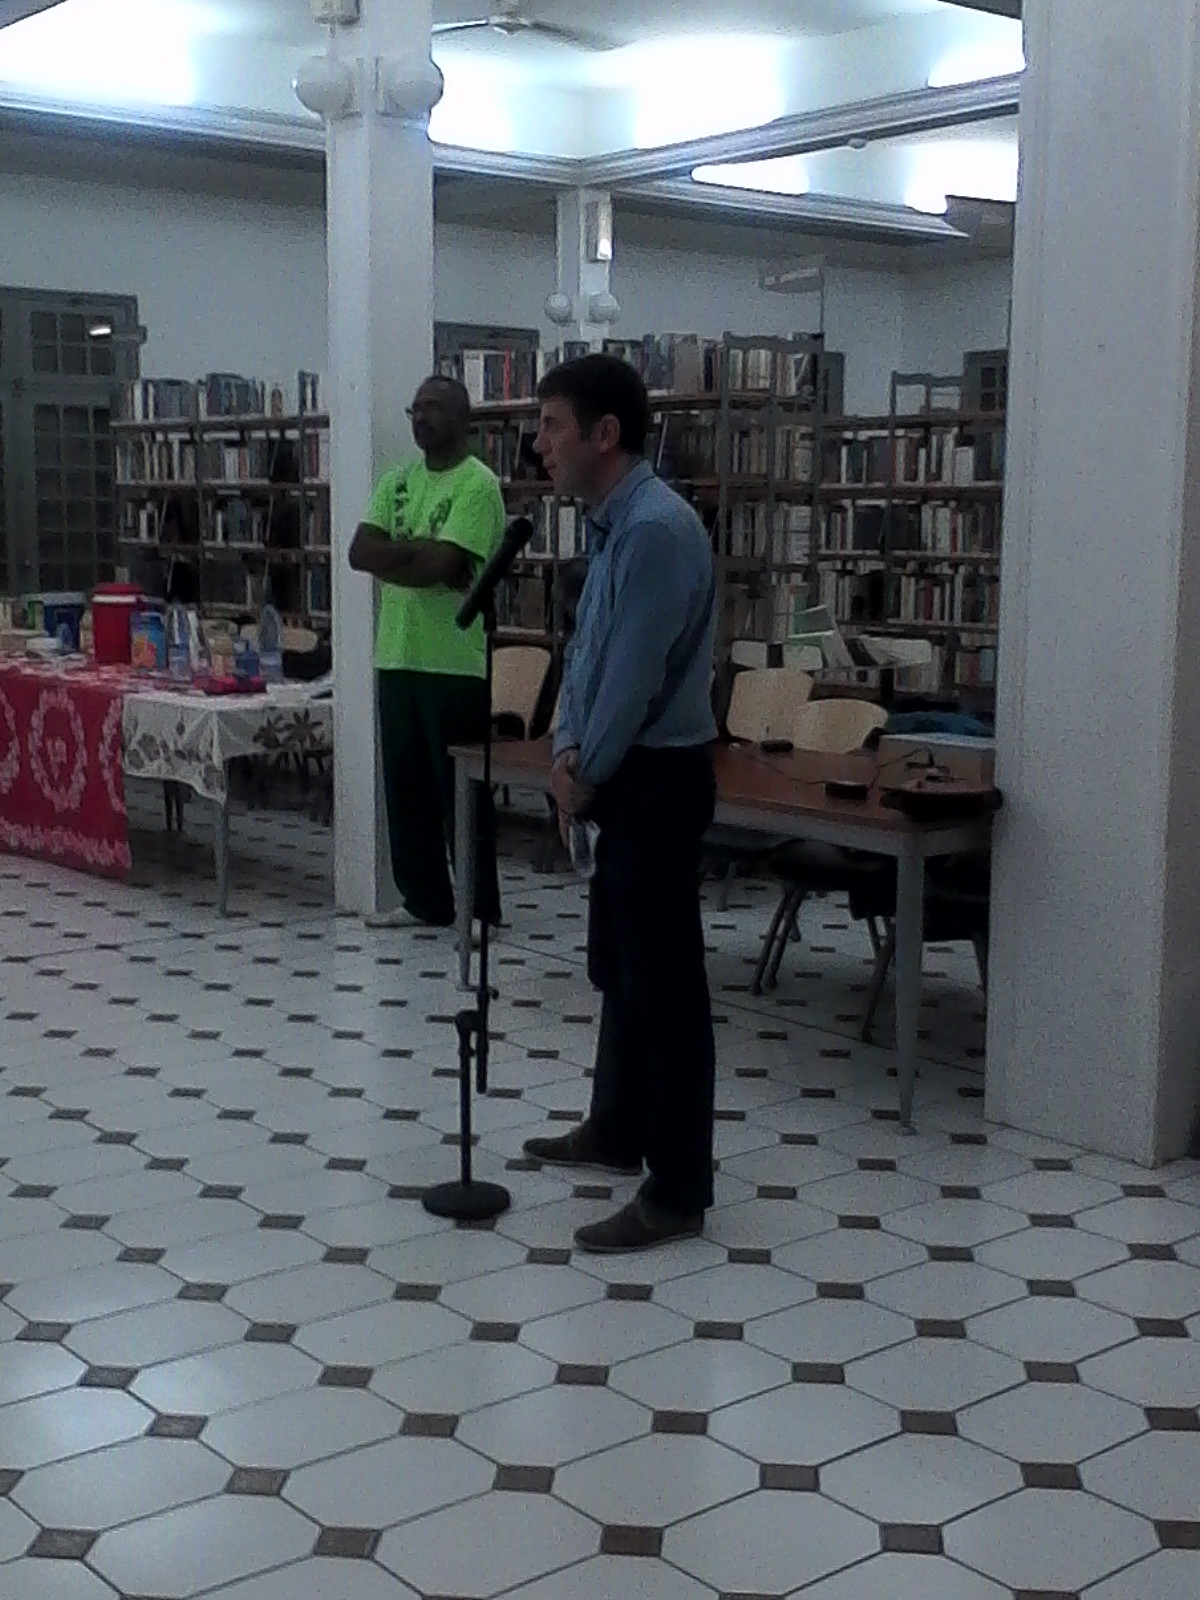 Mr SUBILEAU Directeur du SPIP, présentant l'exposition et son objectif aux visiteurs